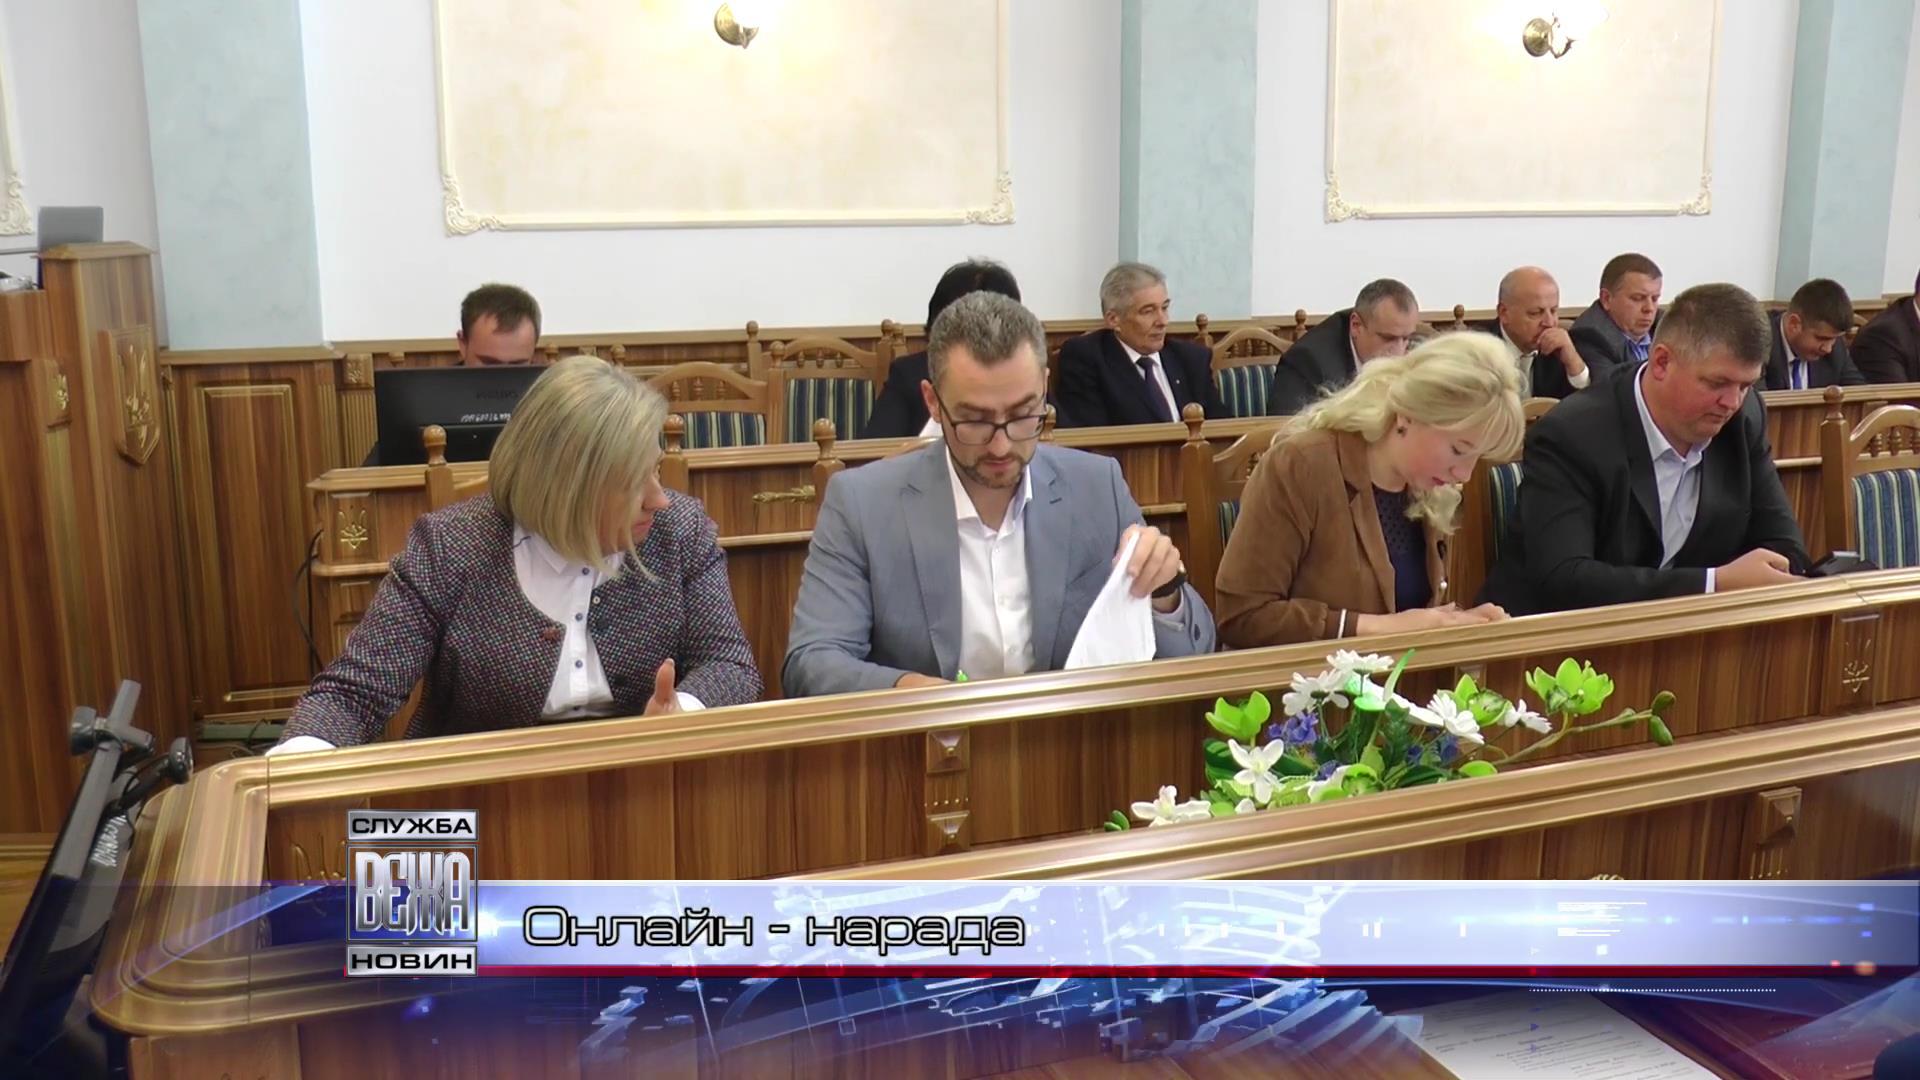 У Тисменицькому районі справно виплачують зарплату бюджетникам[02-32-23]